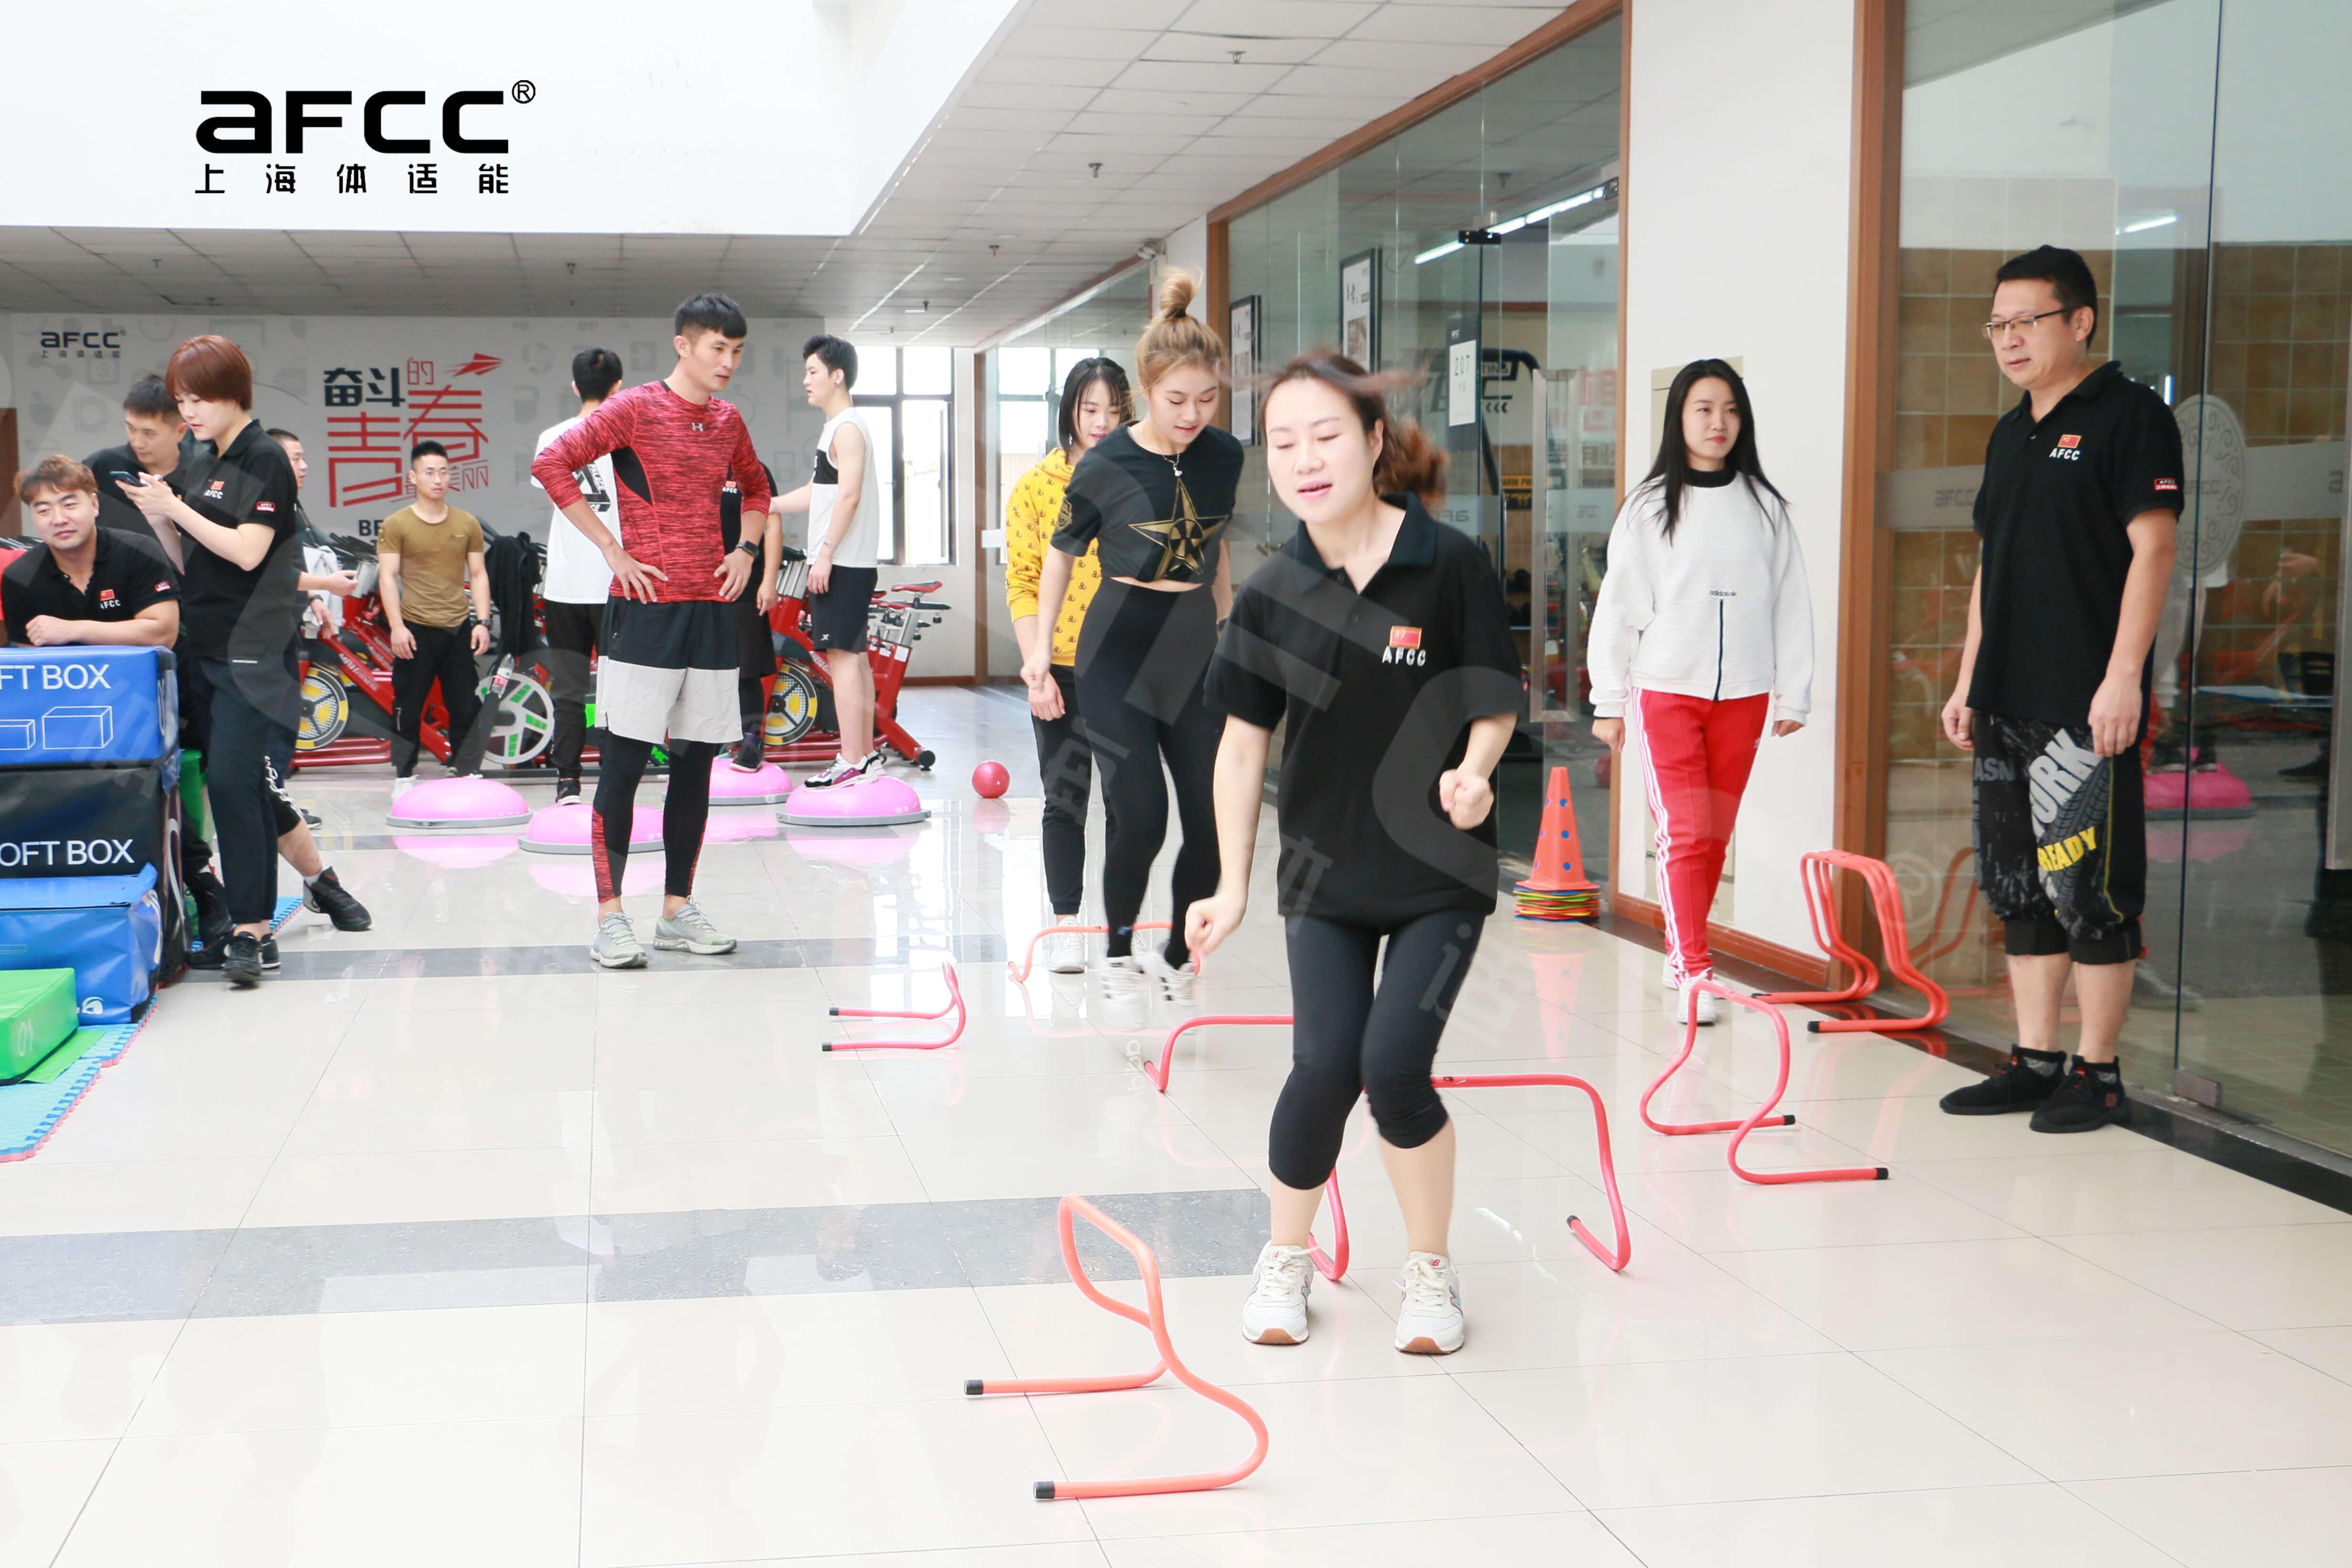 使孩子在上课过程更加轻松、愉悦,吸收更多元的优质运动